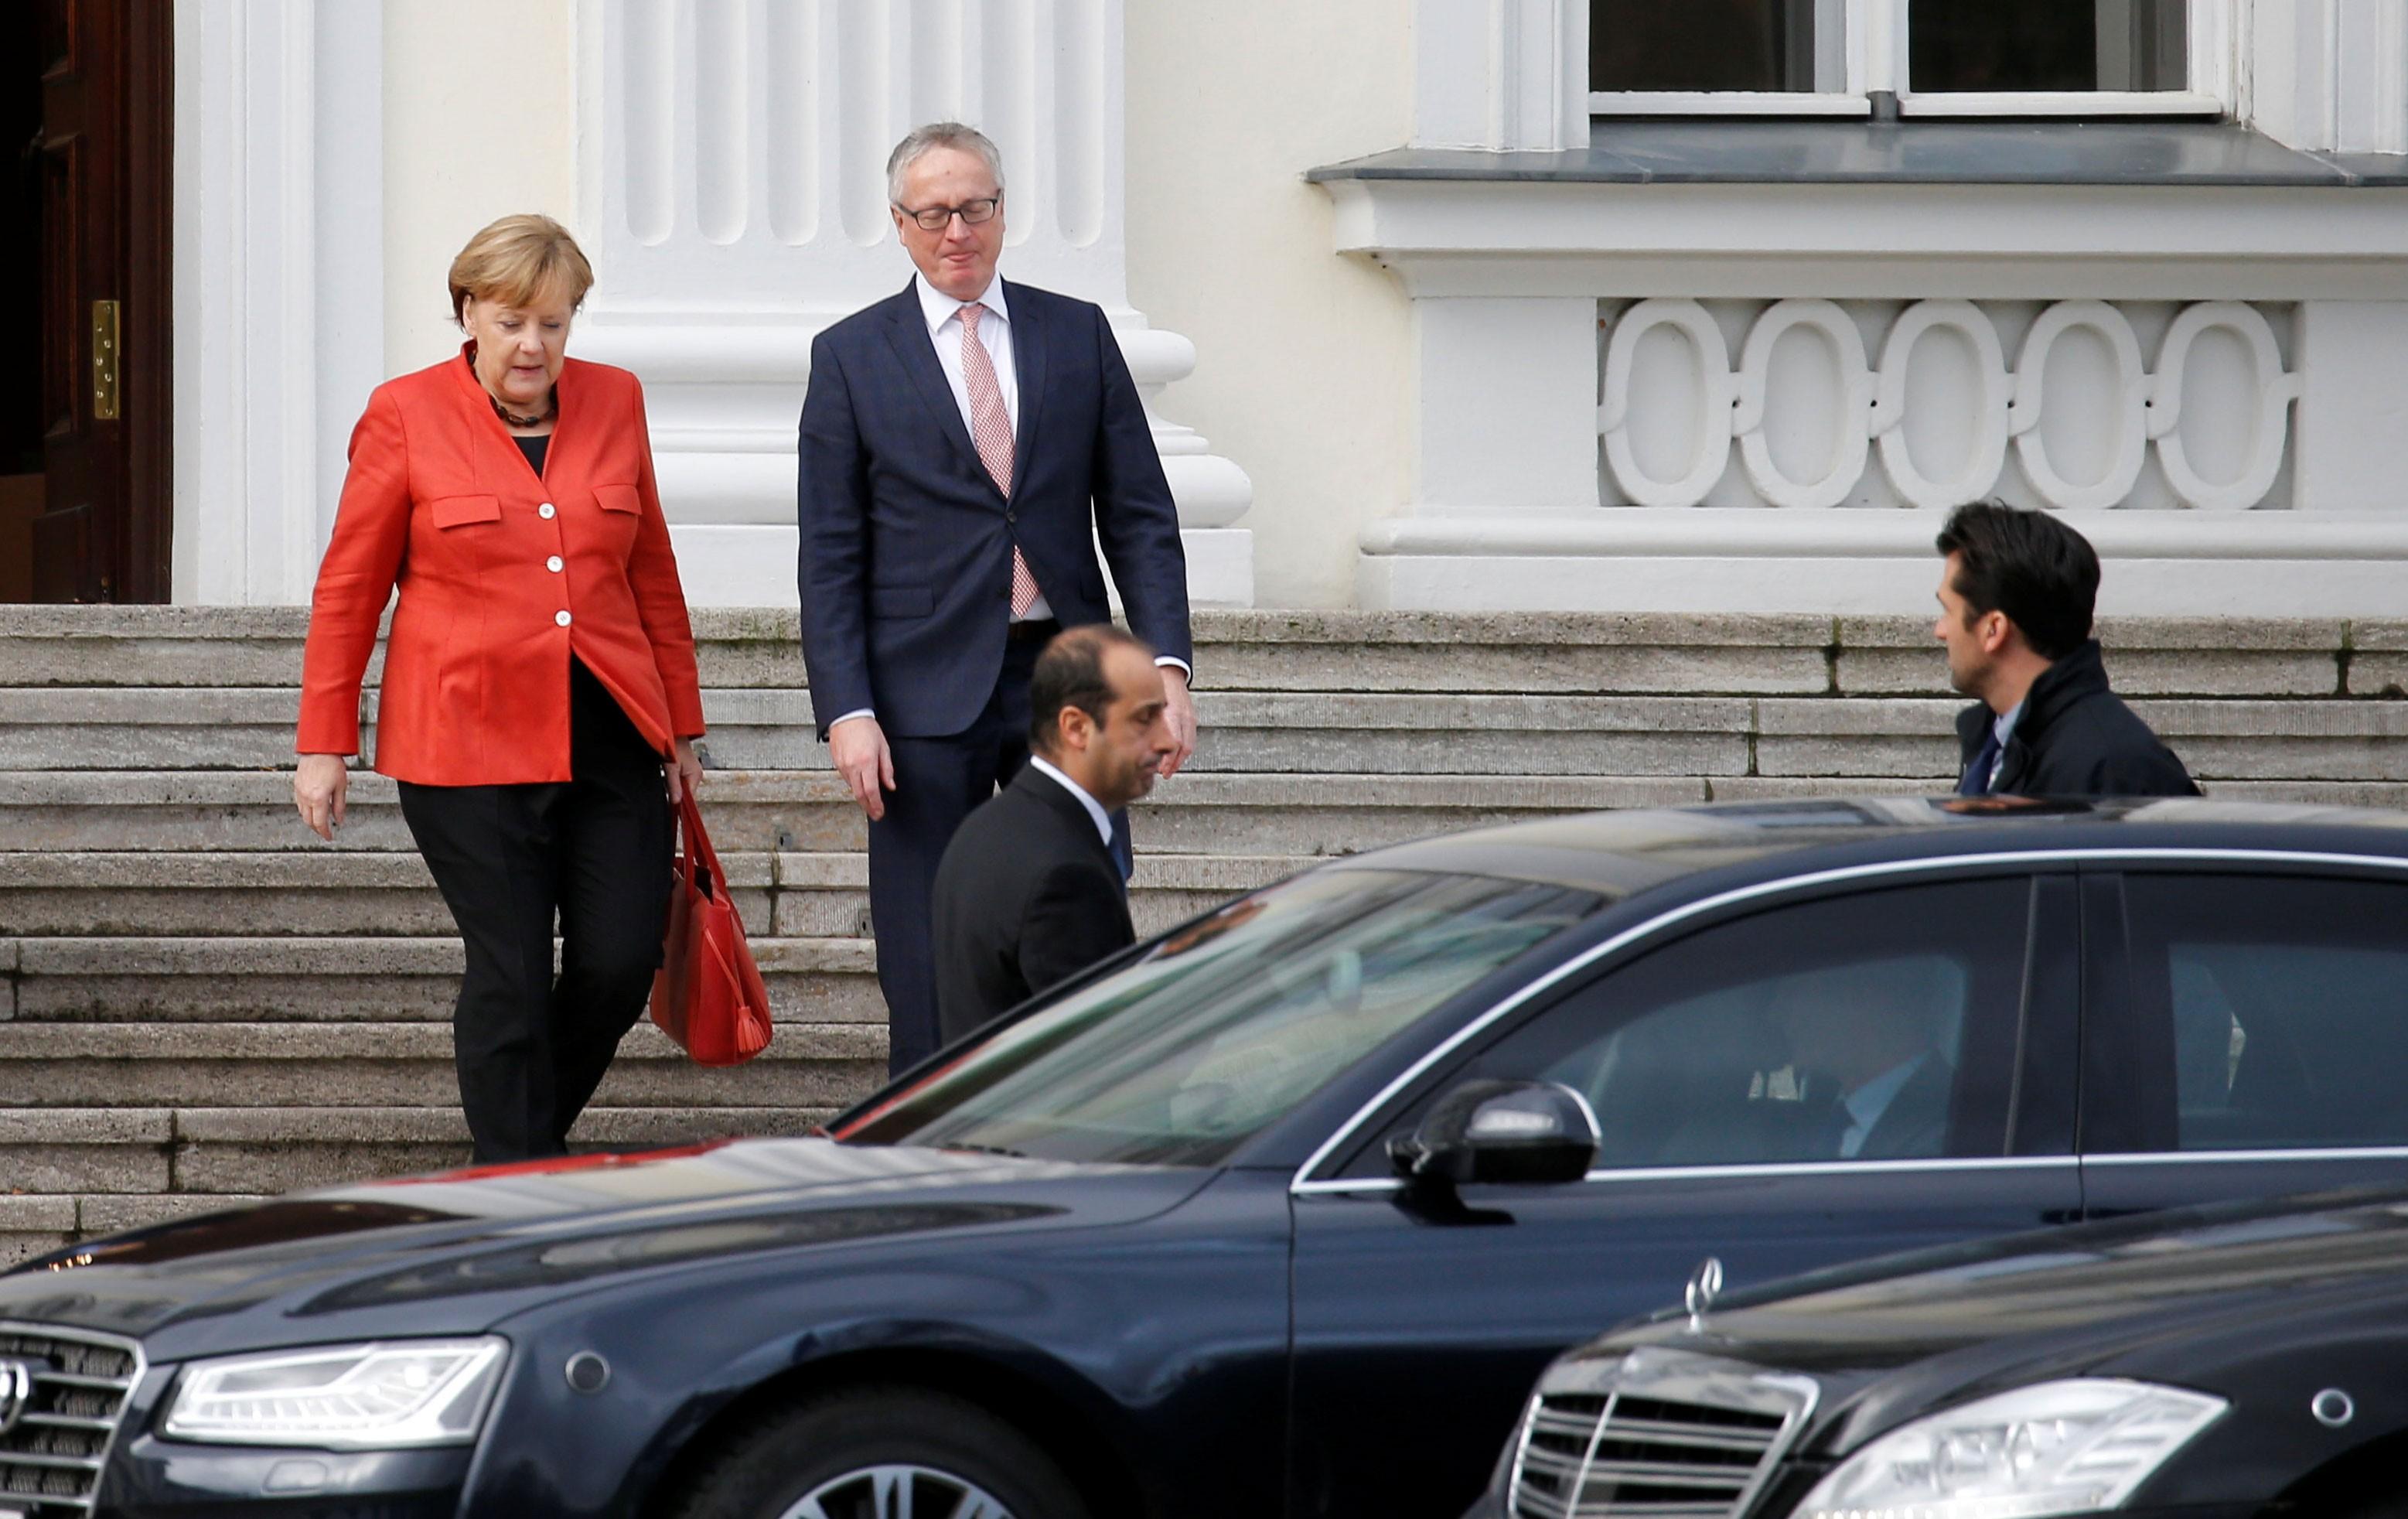 Alemães podem voltar às urnas após fracasso de Merkel em compor governo de coalizão